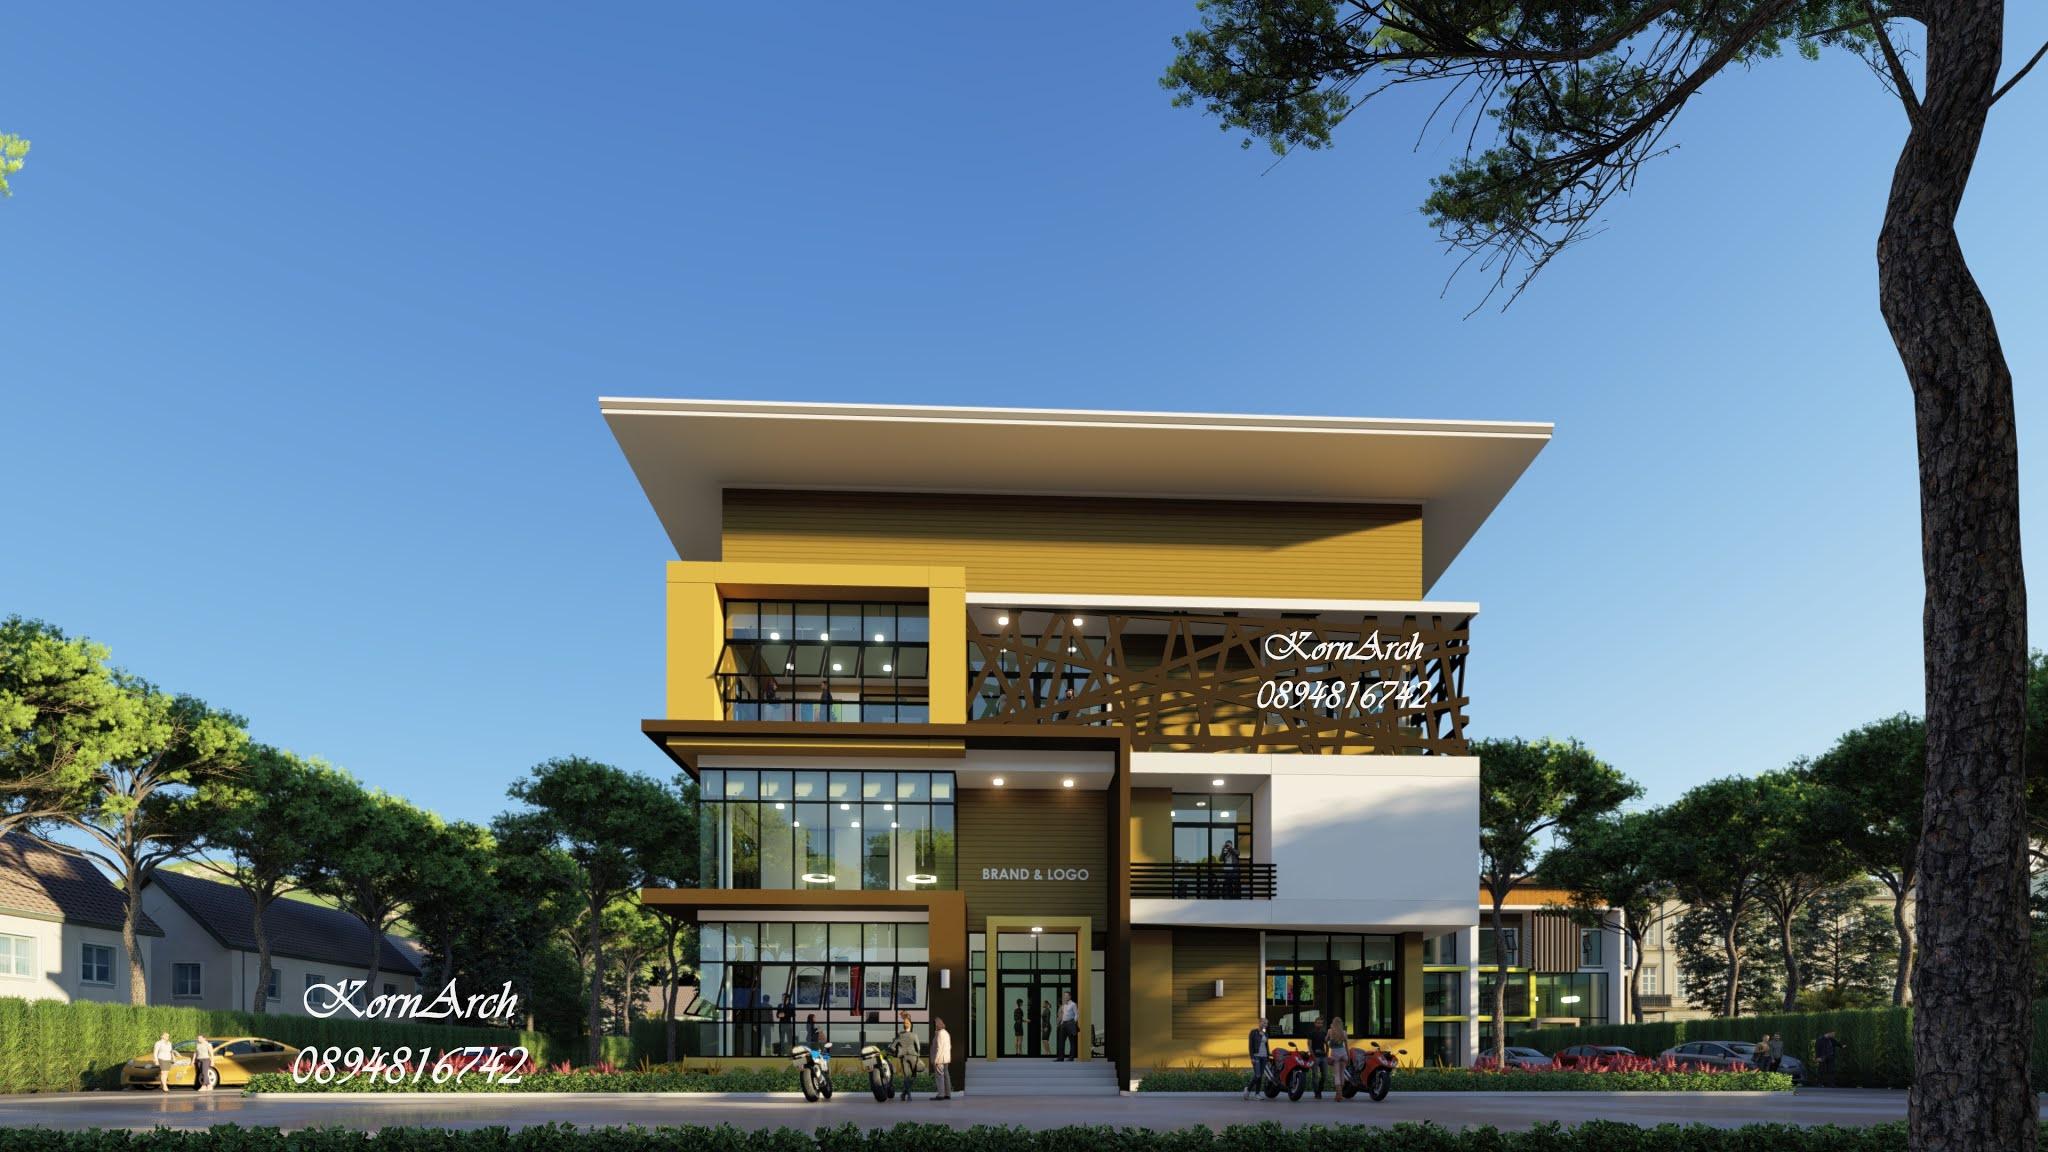 รับออกแบบออฟฟิศ3ชั้นสไตล์โมเดิร์น,รับออกแบบบ้าน, รับออกแบบโรงงาน, โรงงานโมเดิร์น, รับออกแบบรีสอร์ท, รับทำภาพ3มิติ, 3D, แบบบ้านโมเดิร์นลอฟท์, OfficeFactory, Loft, สำนักงาน, Resort, โรงงาน, แบบอพาร์ทเมนท์, โรงแรมขนาดเล็ก, รับออกแบบออฟฟิศ,0894816742,KornArch